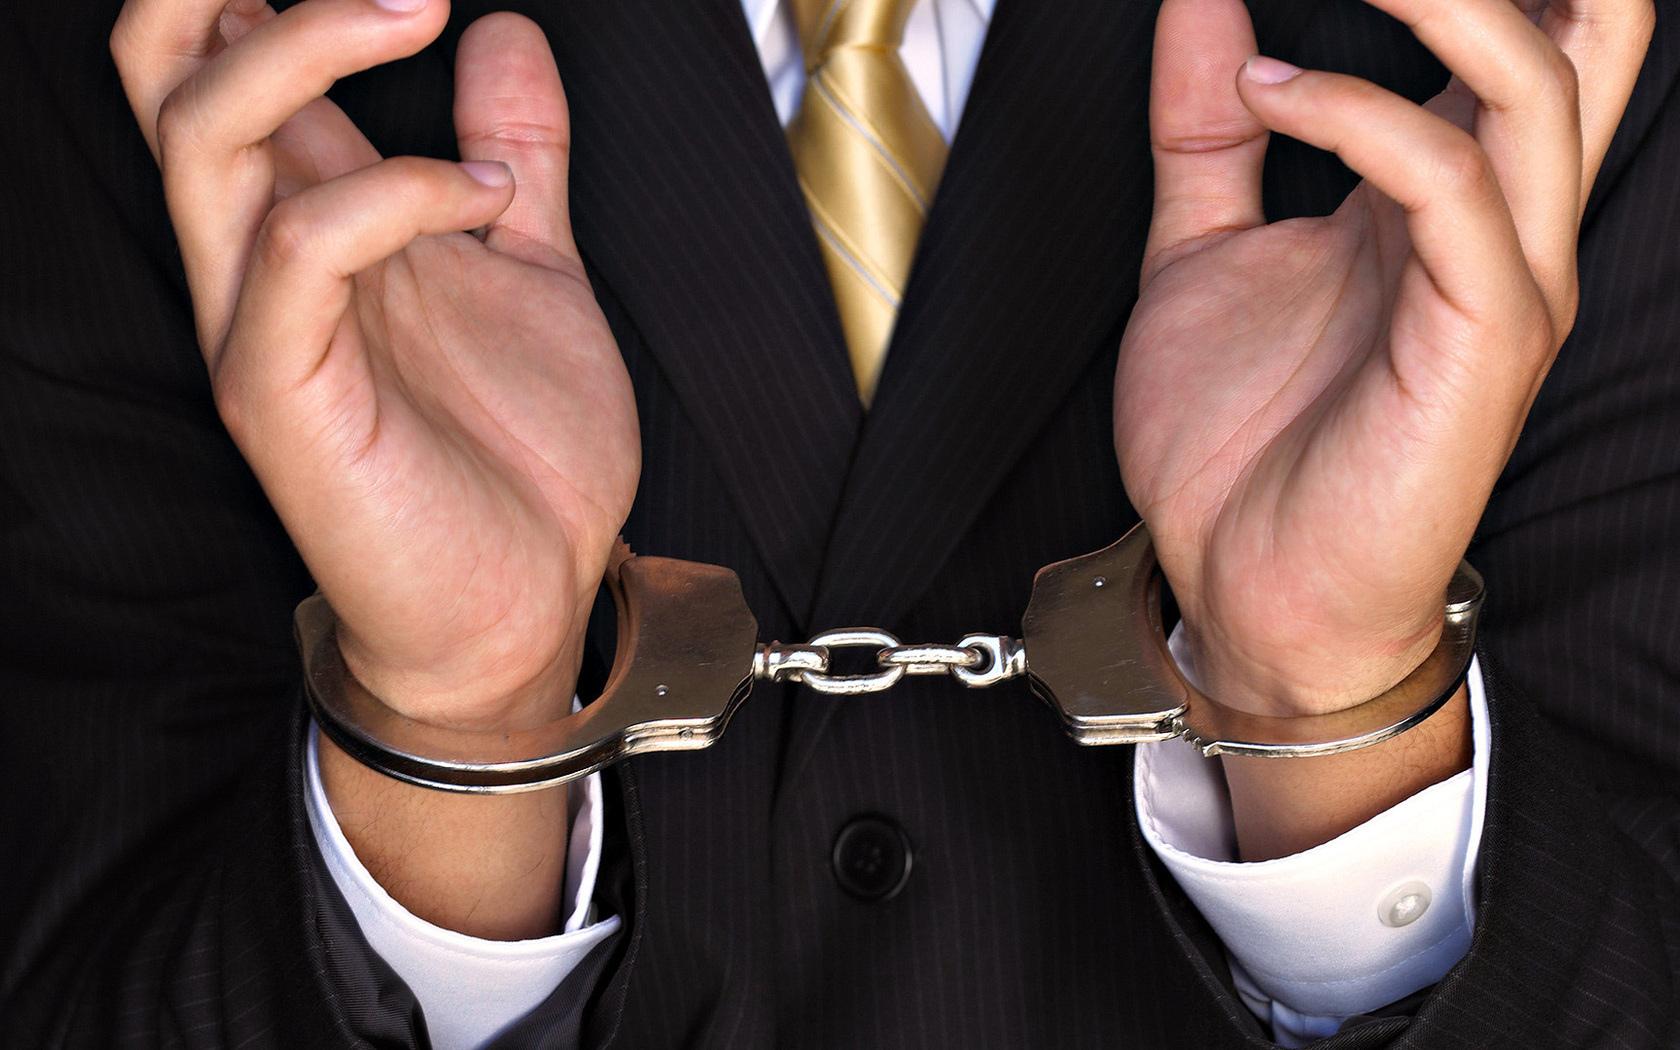 Привлечение к уголовной ответственности: порядок, что значит привлекался и последствия    Привлекался но не судим последствия